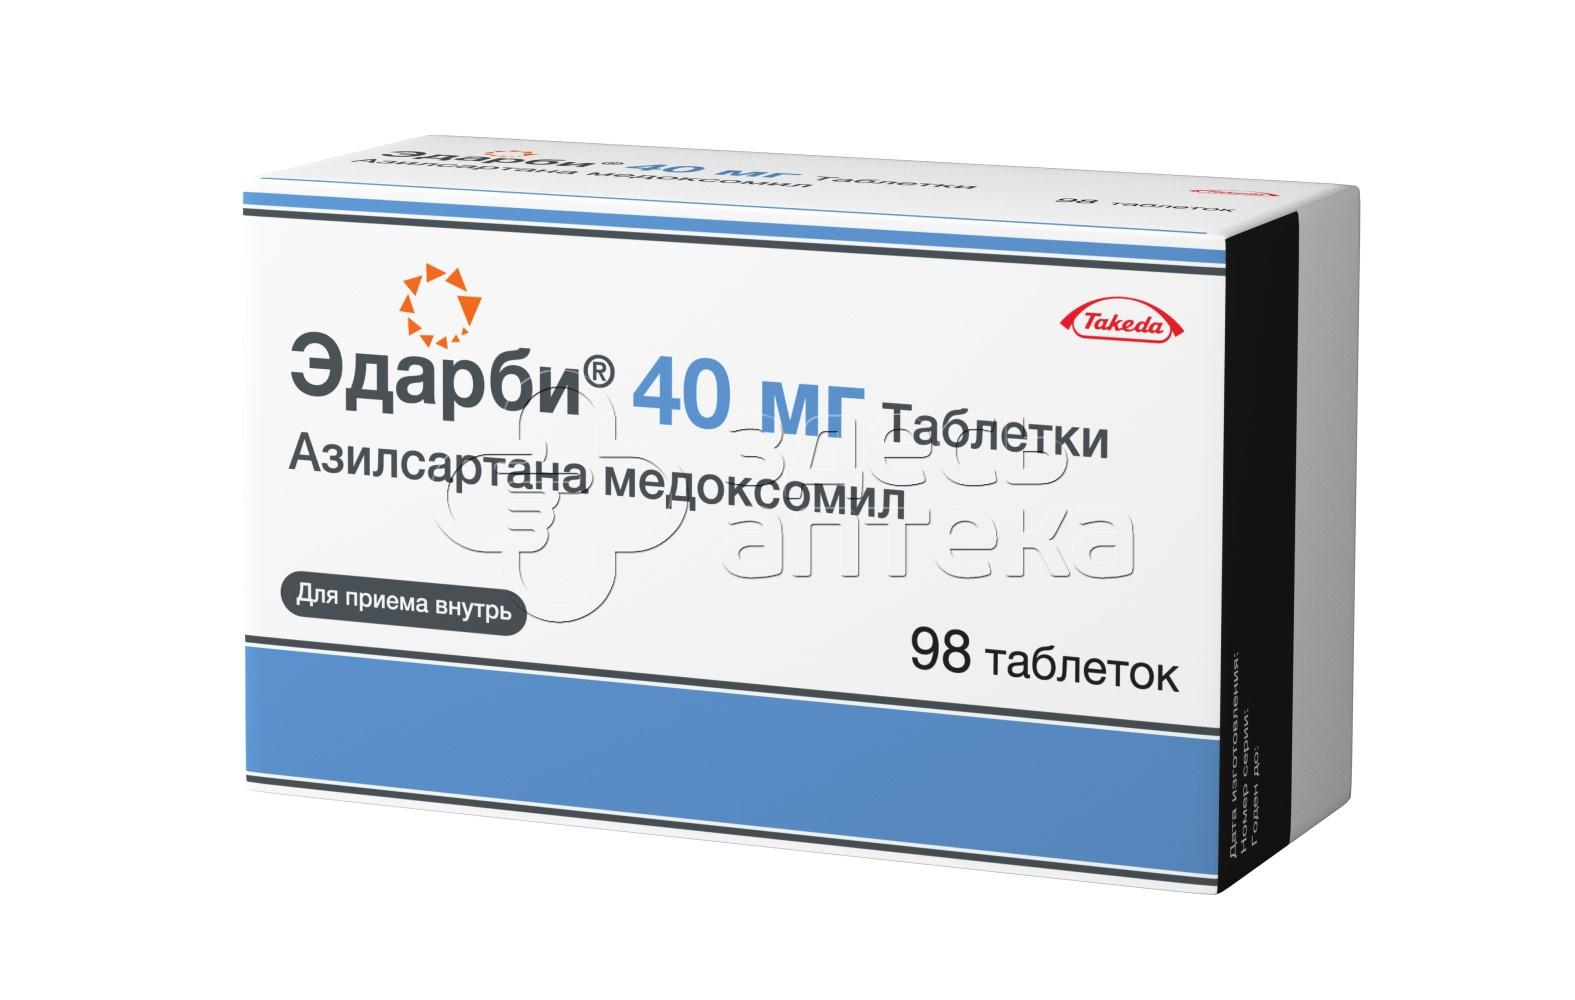 Эдарби Кло: купить в аптеках России, наличие и цены по ...